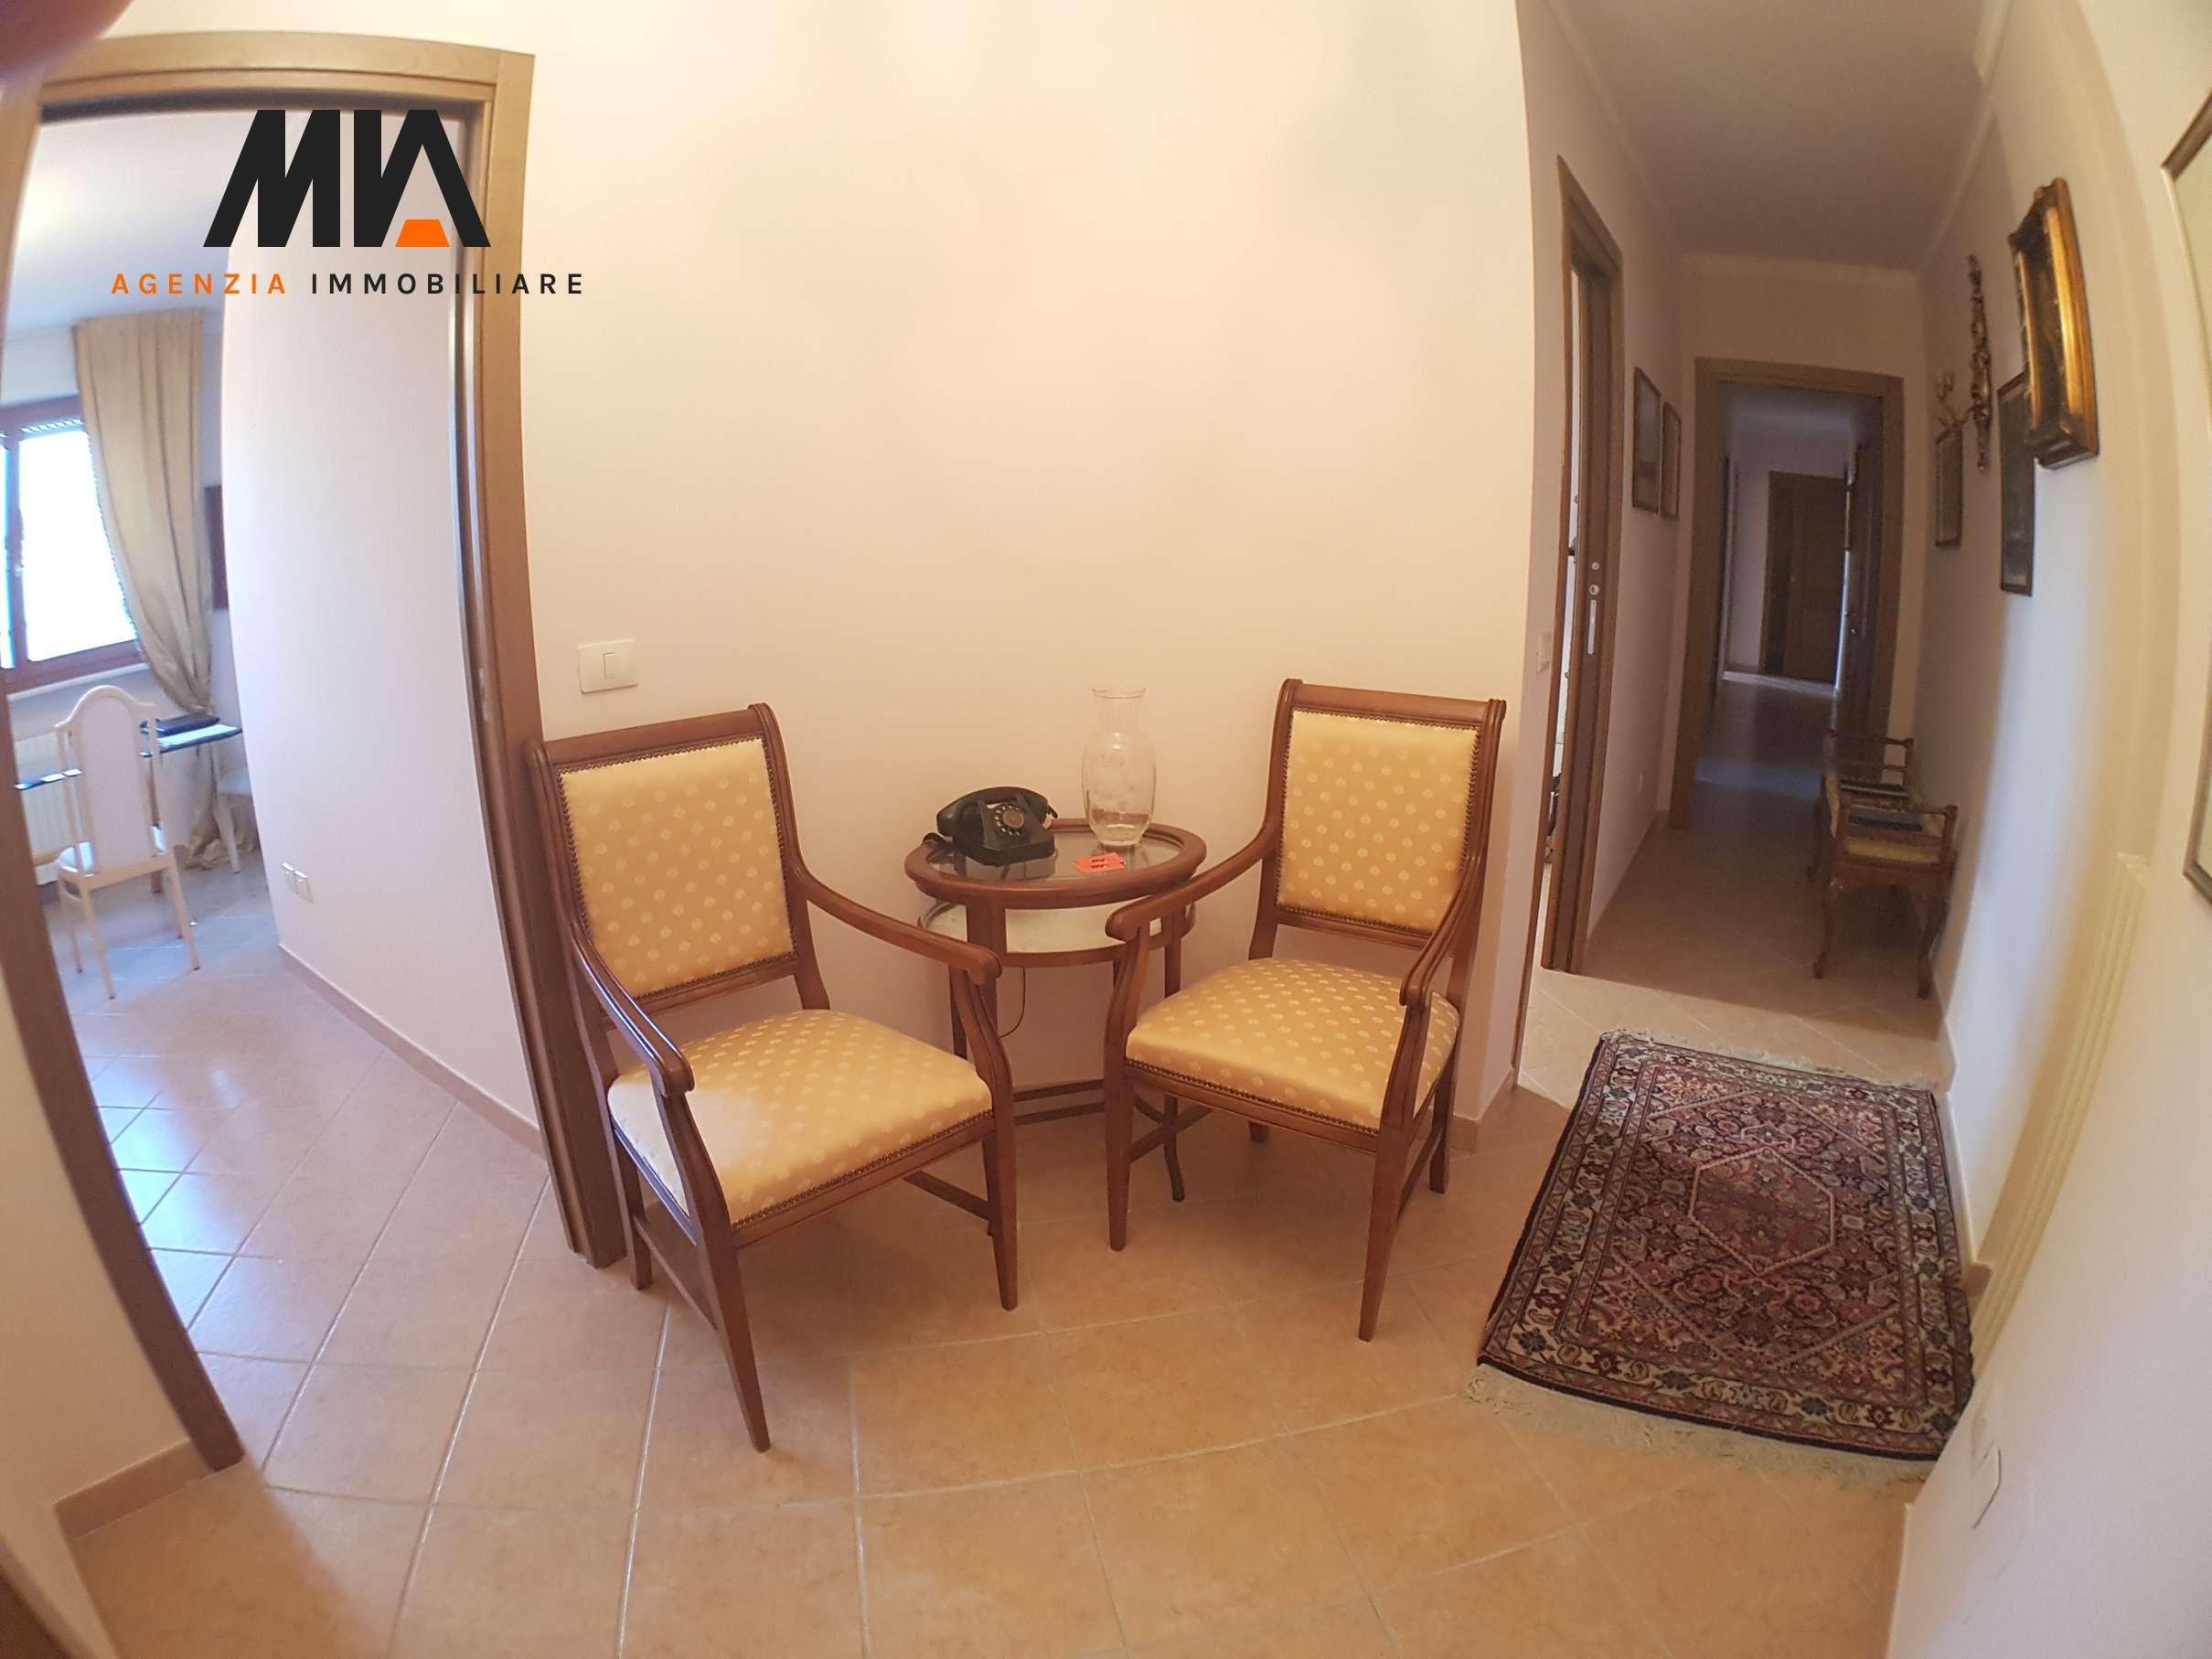 Affitto stanza uso studio vicino tribunale agenzia for Affitto uso studio roma